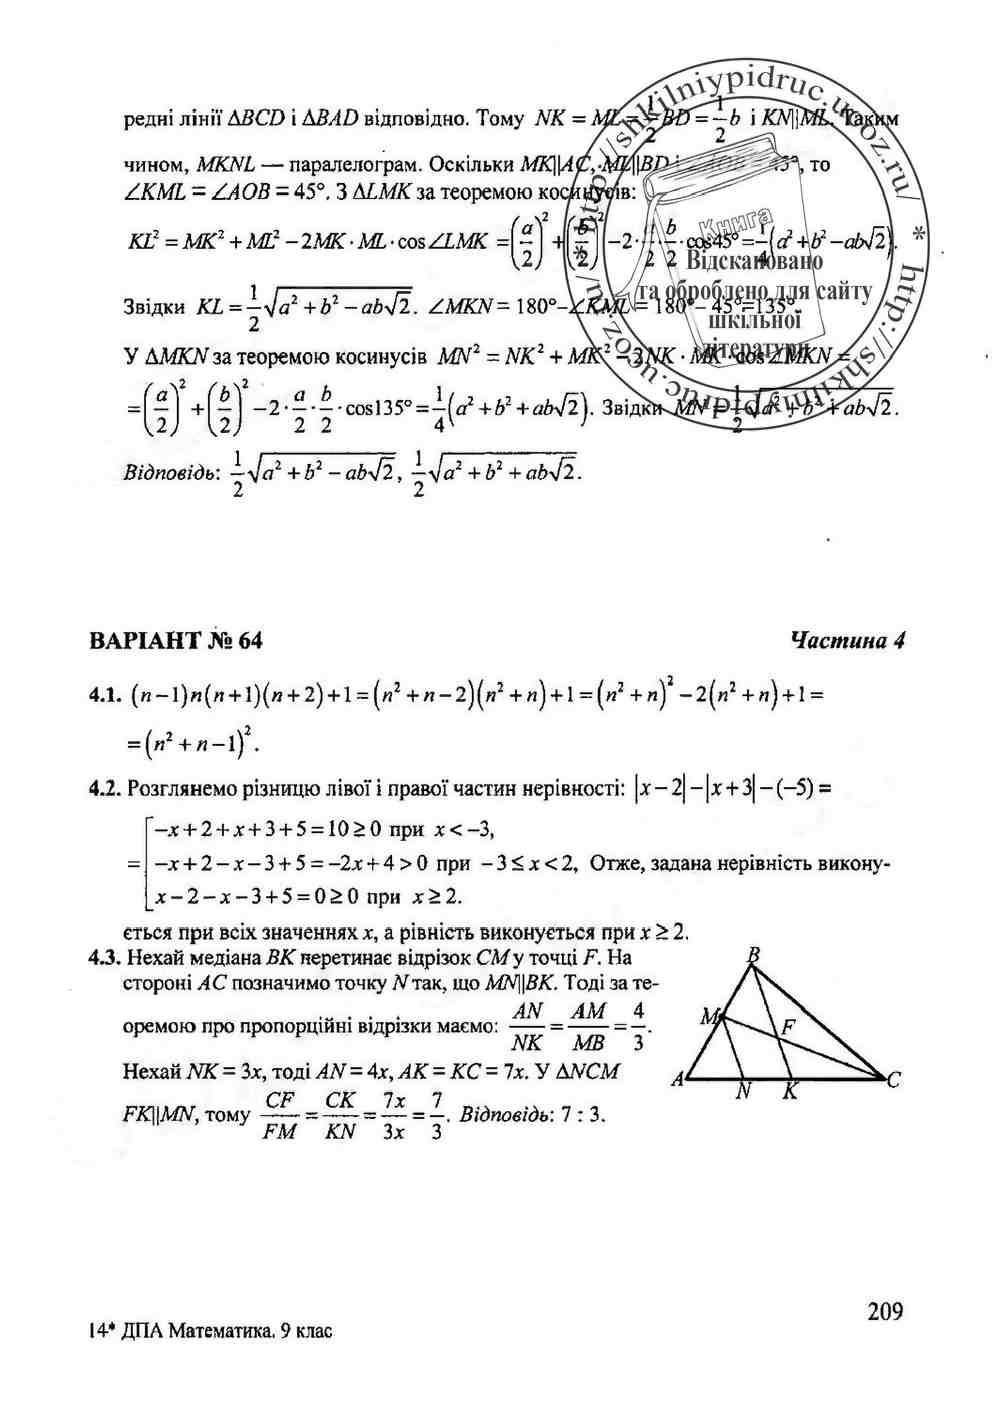 решебник геометрия дпа